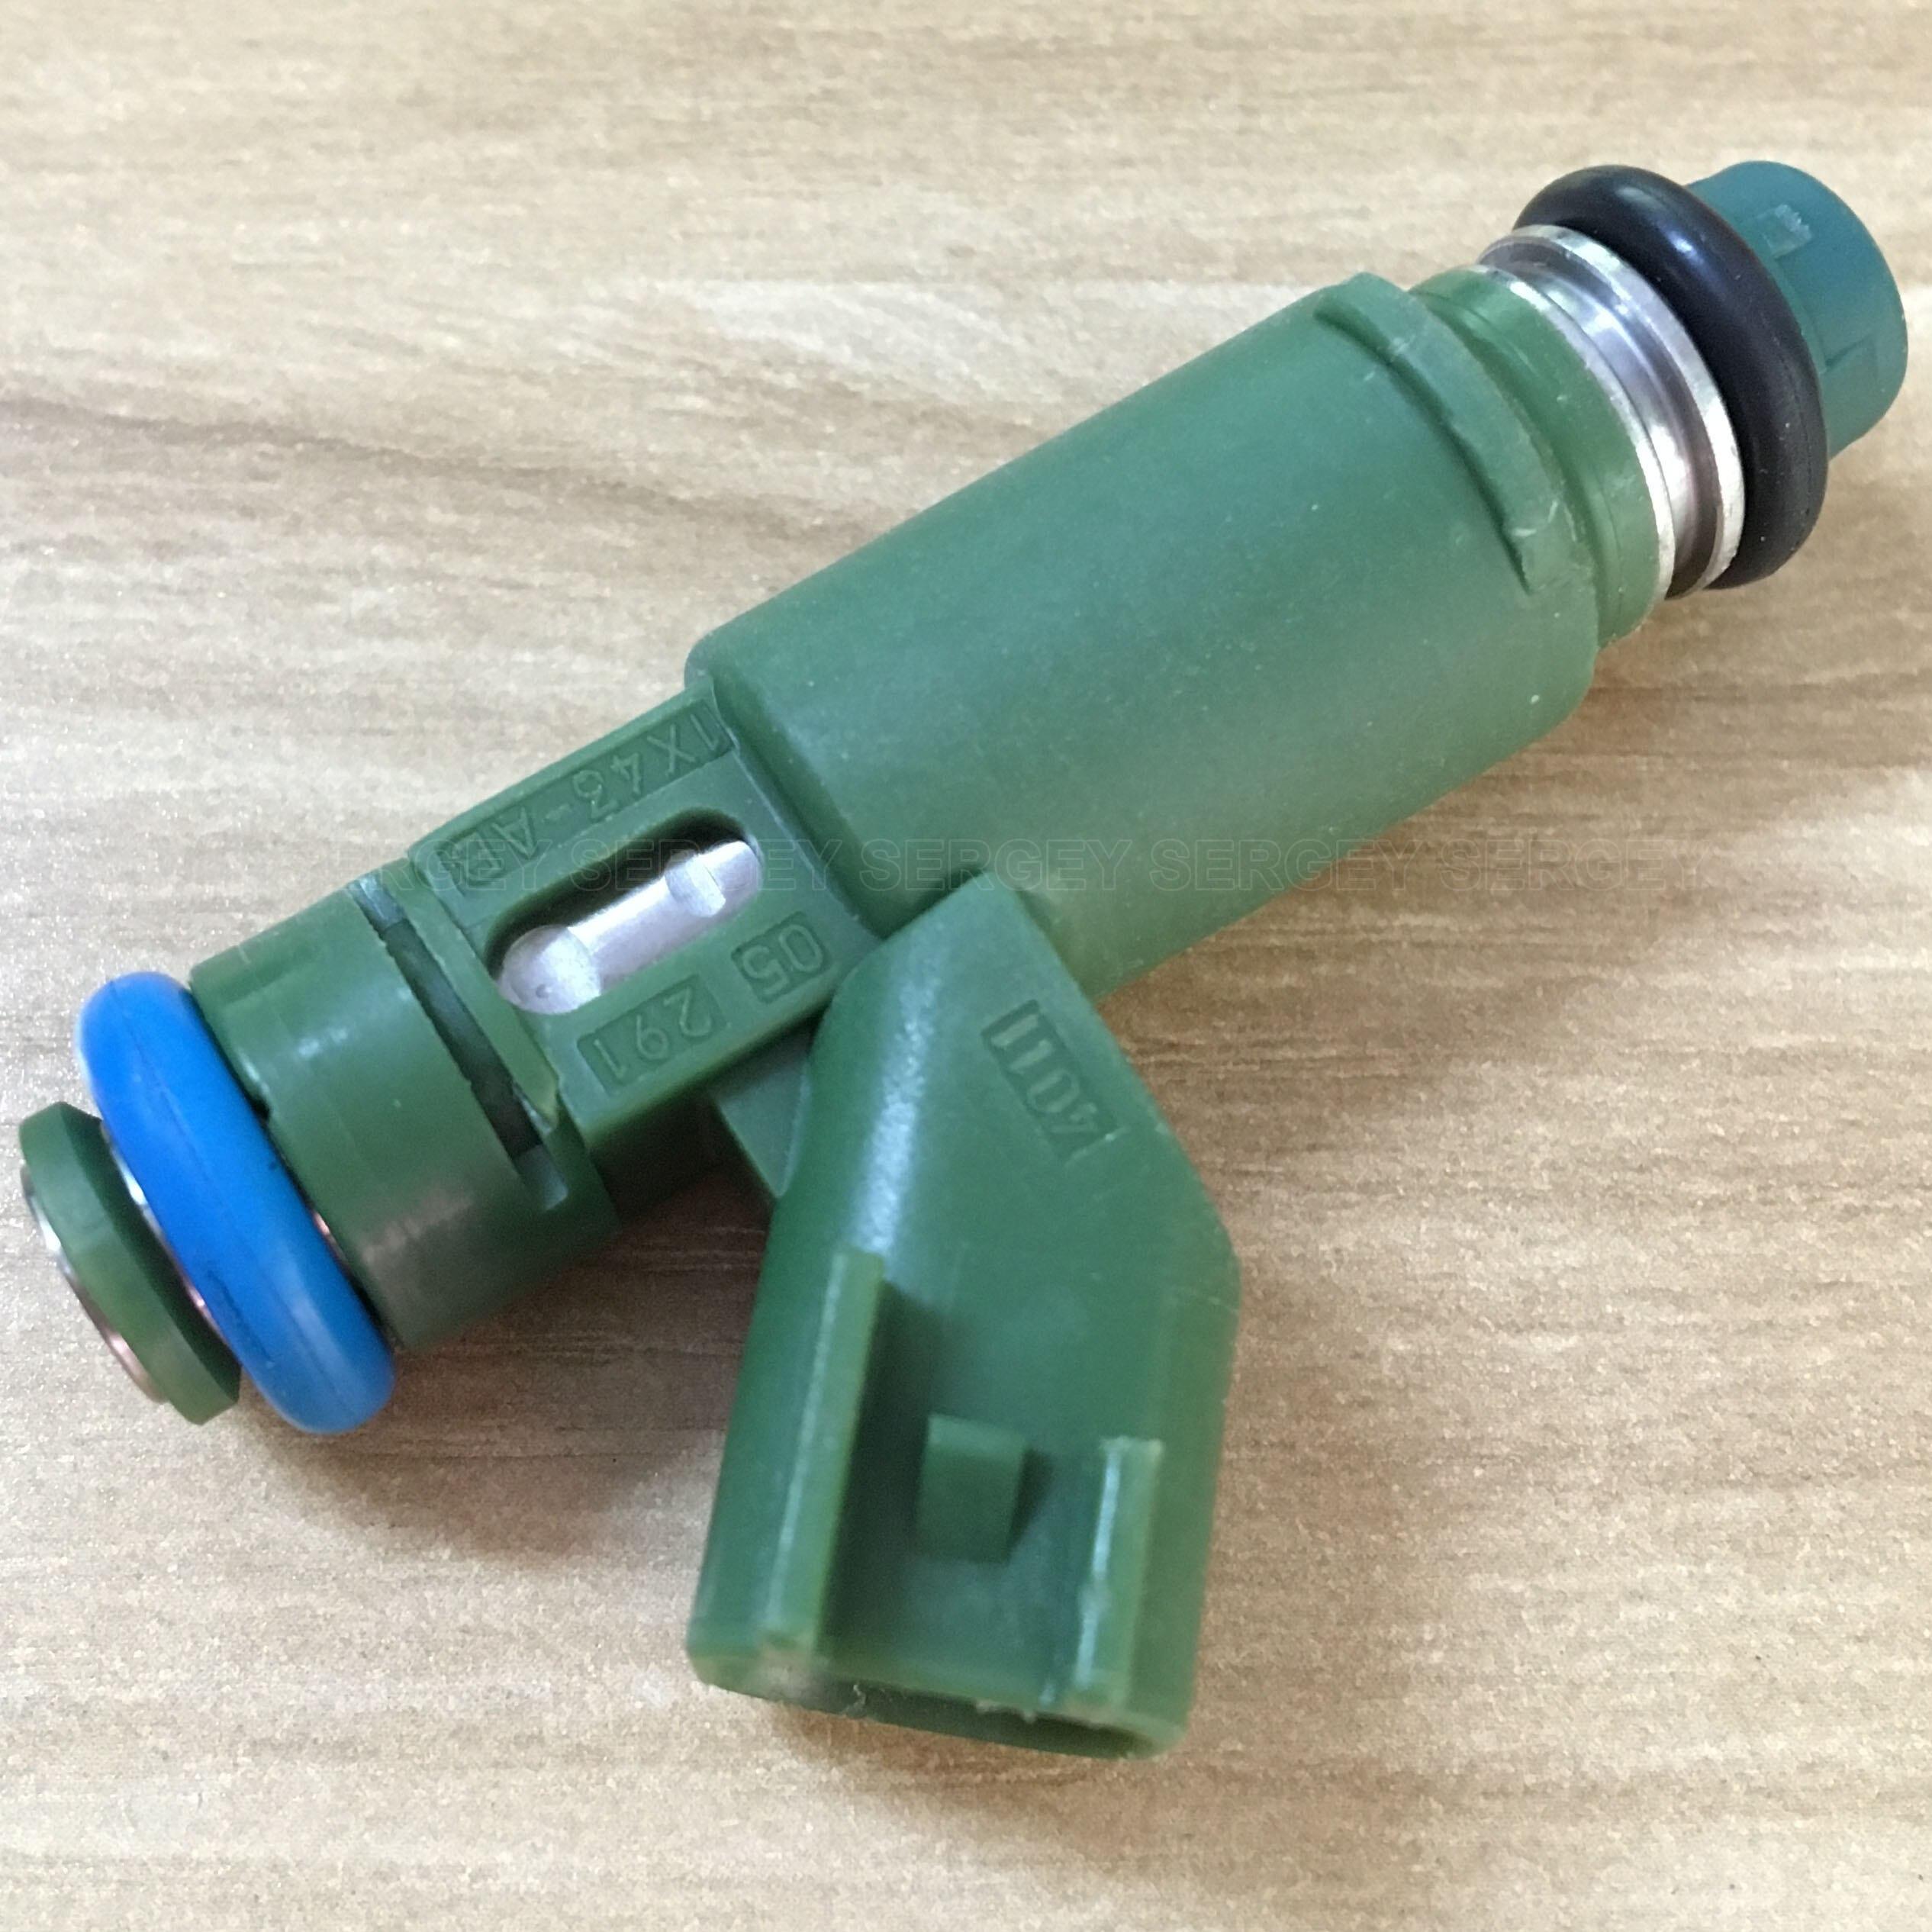 OEM Denso Fuel Injector 1X43-AB FOR 2001-2008 JAGUAR X TYPE 2.5 3.0 V-6 SINGLE